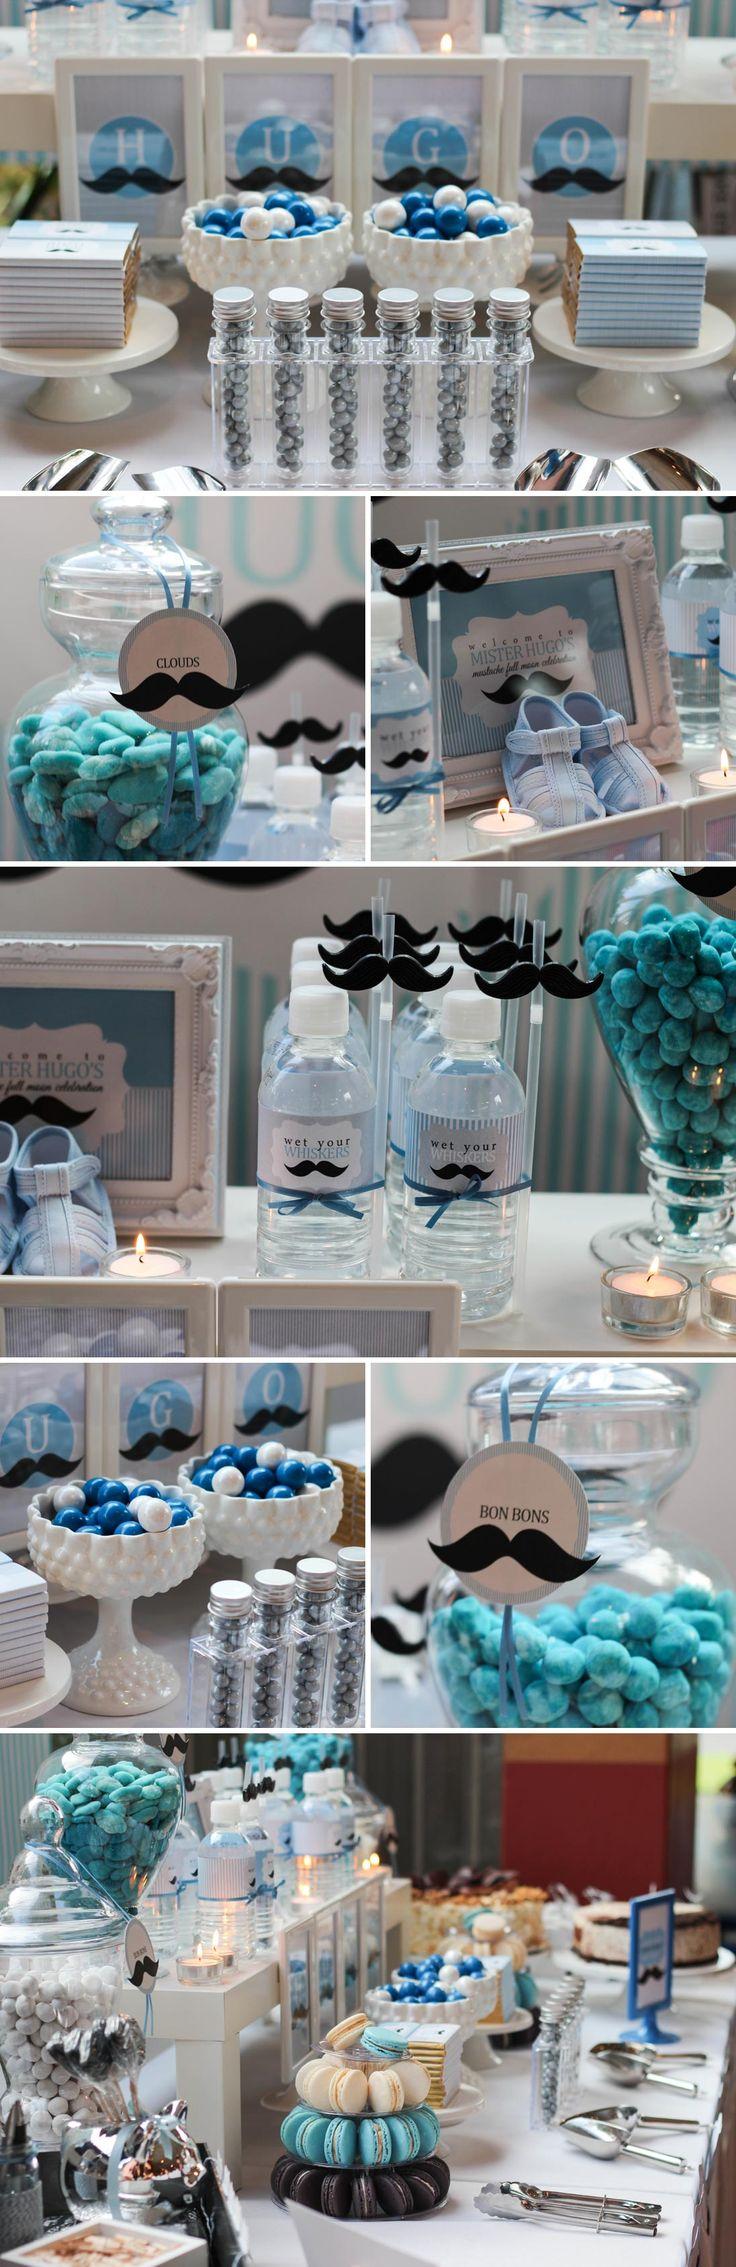 Hugo's Full Month Mustache Themed Dessert Table | The Little Umbrella